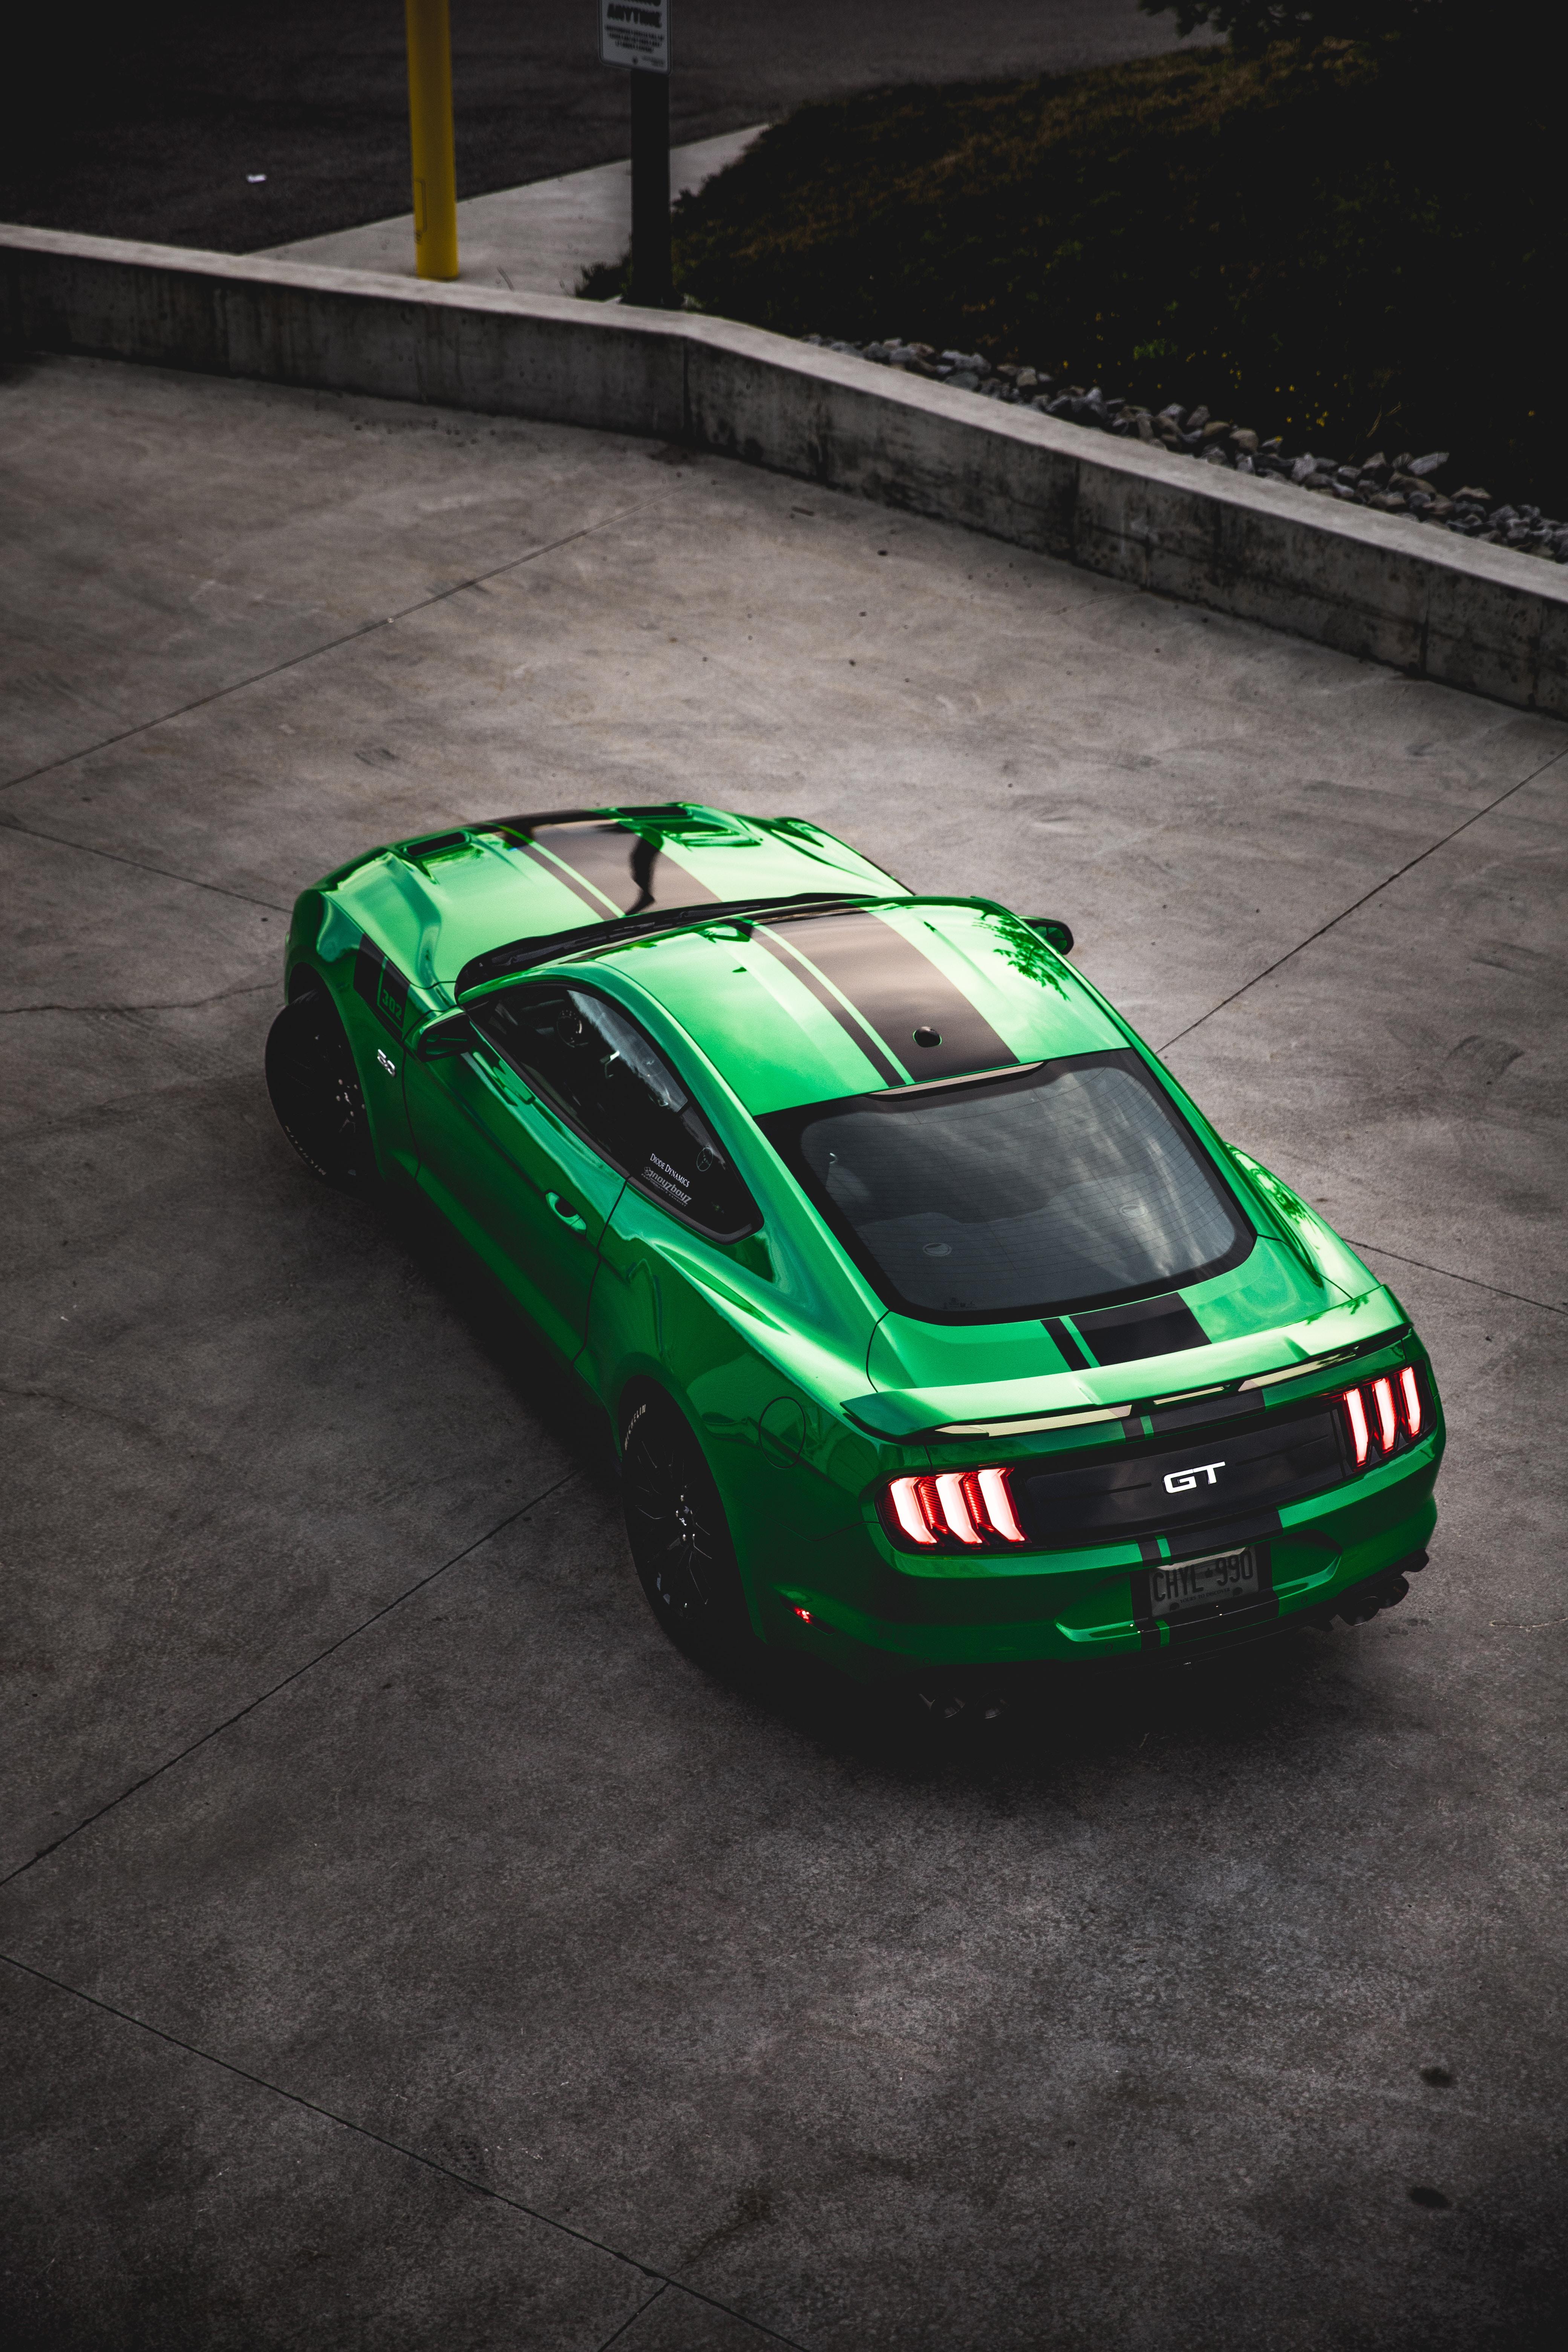 146489 Hintergrundbild herunterladen Ford, Auto, Sportwagen, Blick Von Oben, Sport, Cars, Maschine, Ford Mustang Gt - Bildschirmschoner und Bilder kostenlos